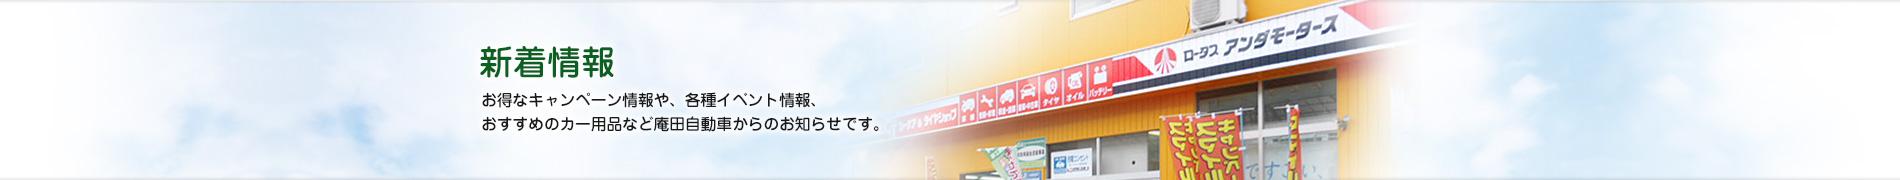 新着情報 お得なキャンペーン情報や、各種イベント情報、おすすめのカー用品など庵田自動車からのお知らせです。